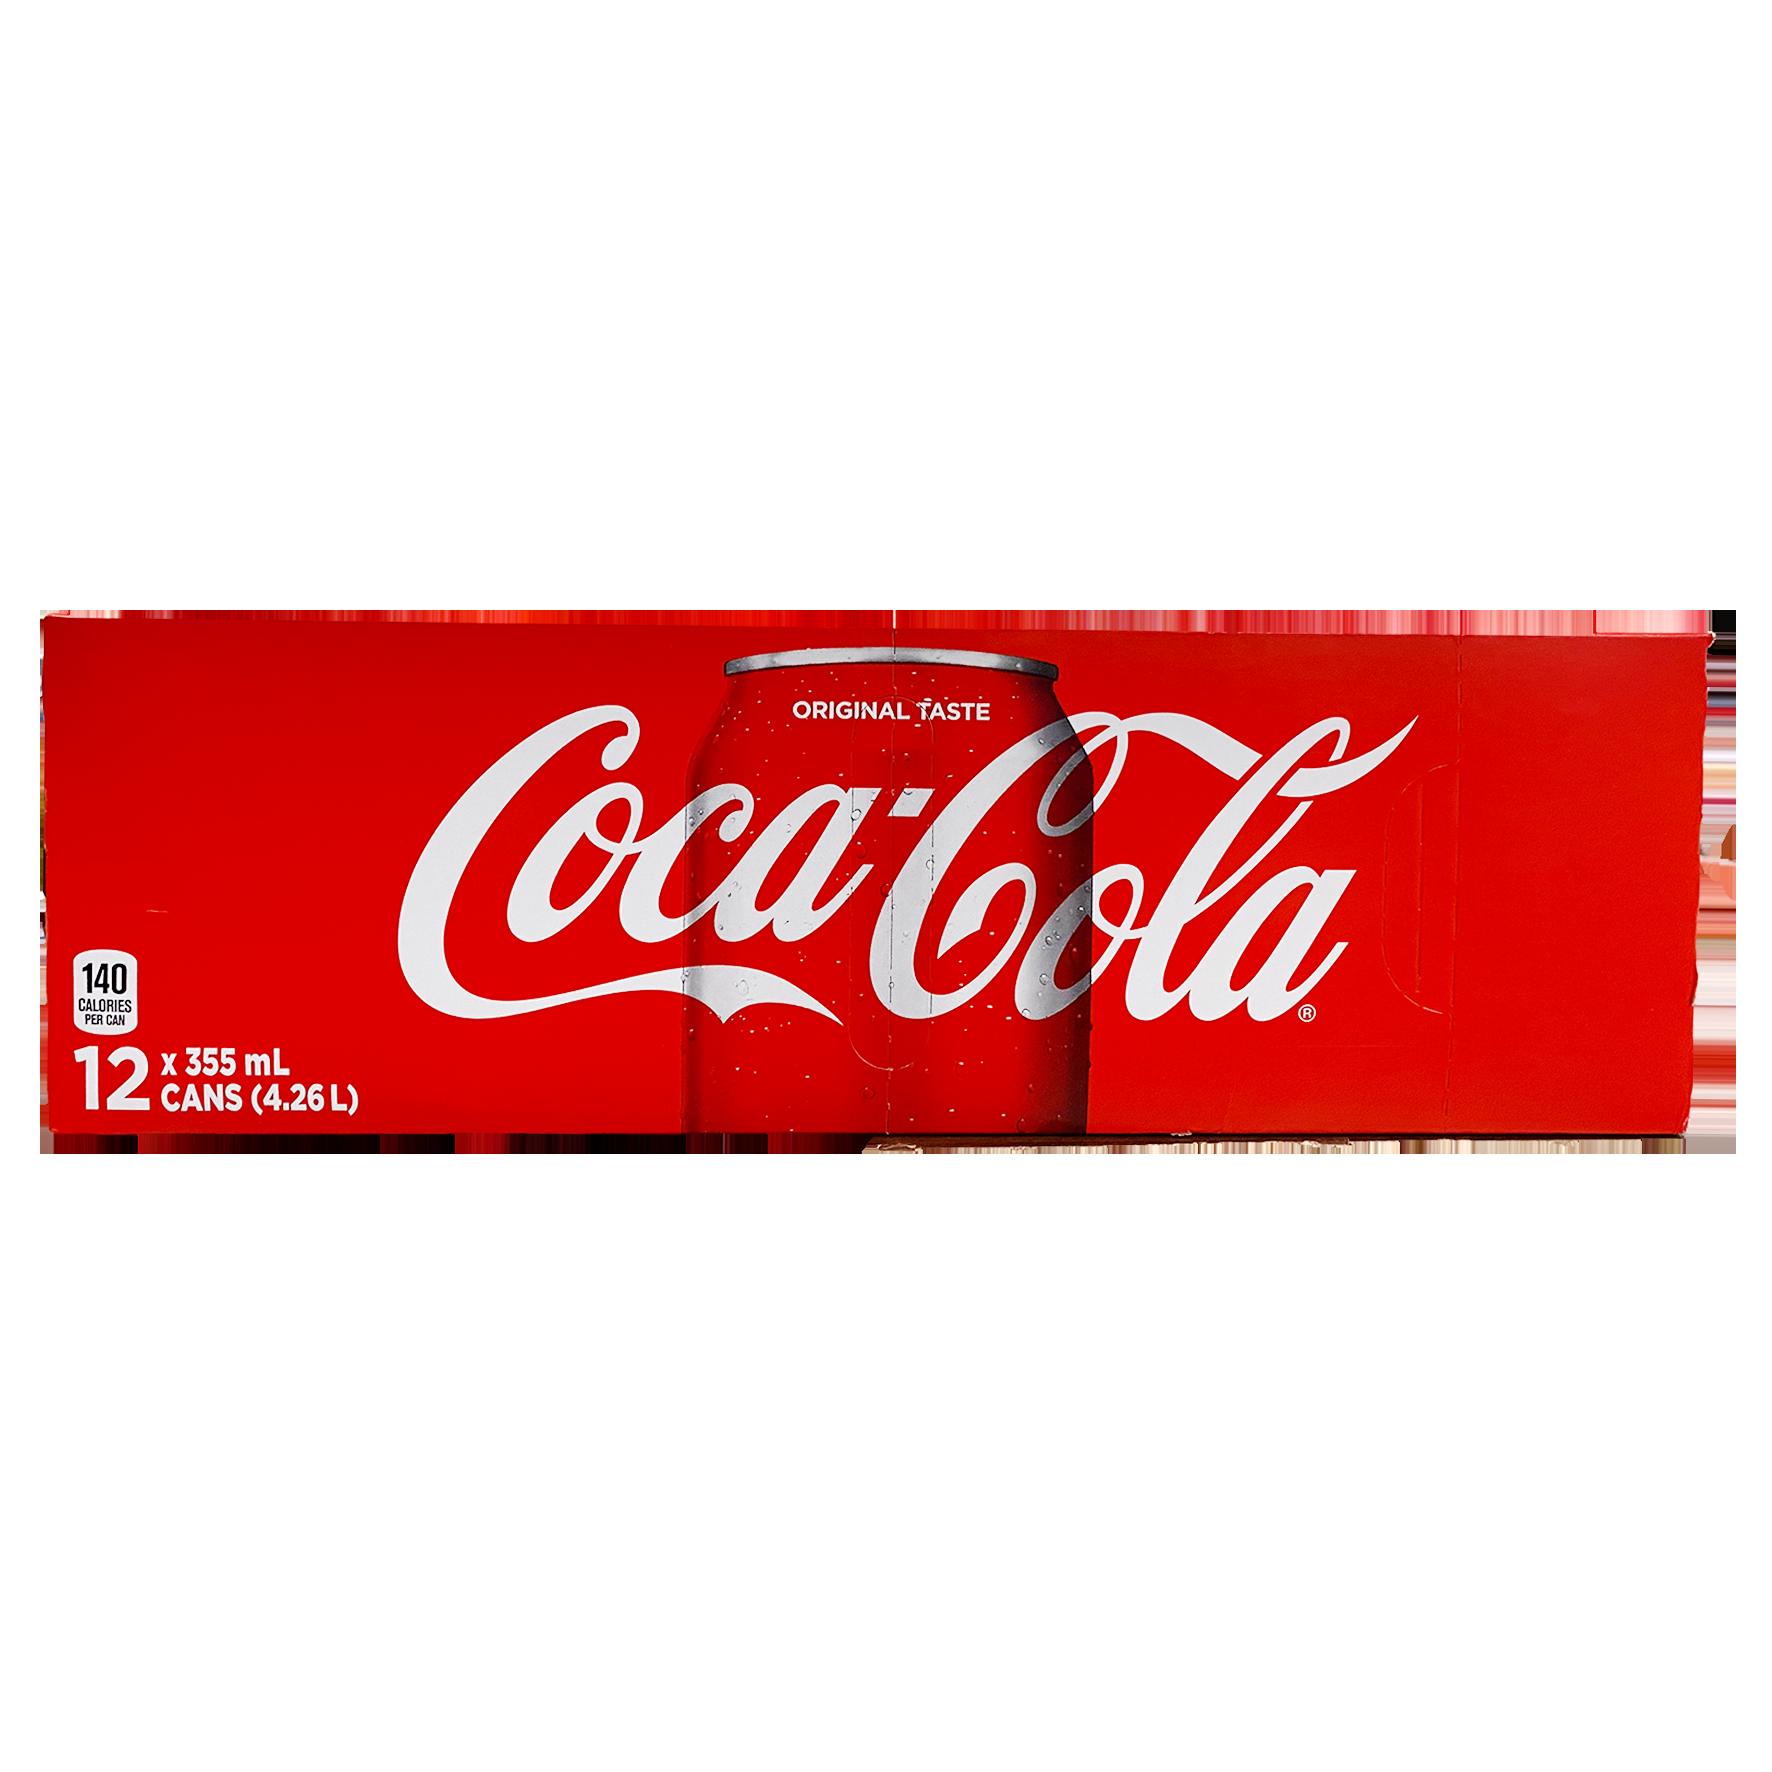 COCA COLA 1 Box